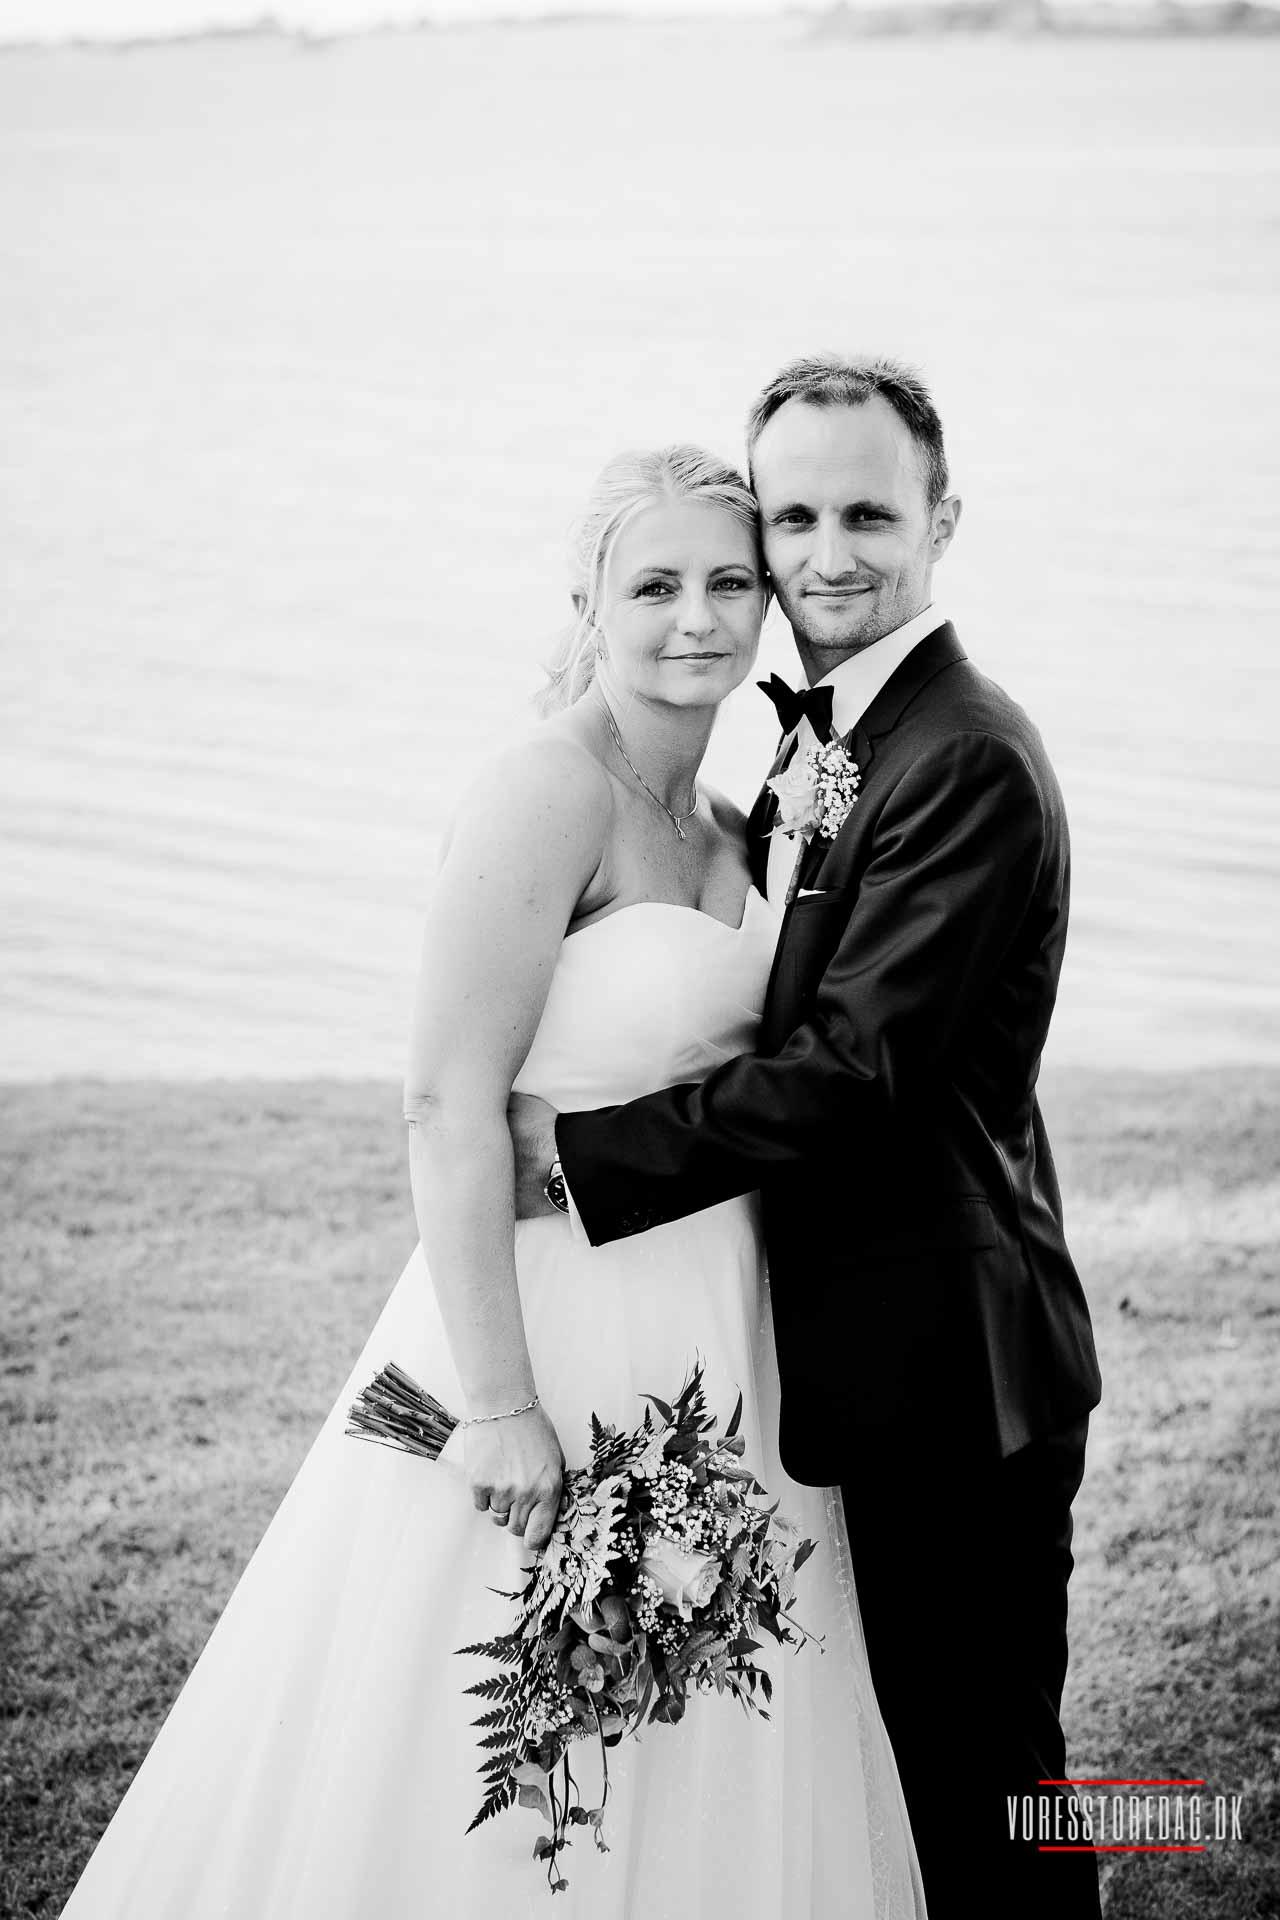 Forevig brylluppet med smukke fotos til lave priser. Det er udgiften værd. Hele Sjælland. Dygtig fotograf. Sympatisk & serviceminded.